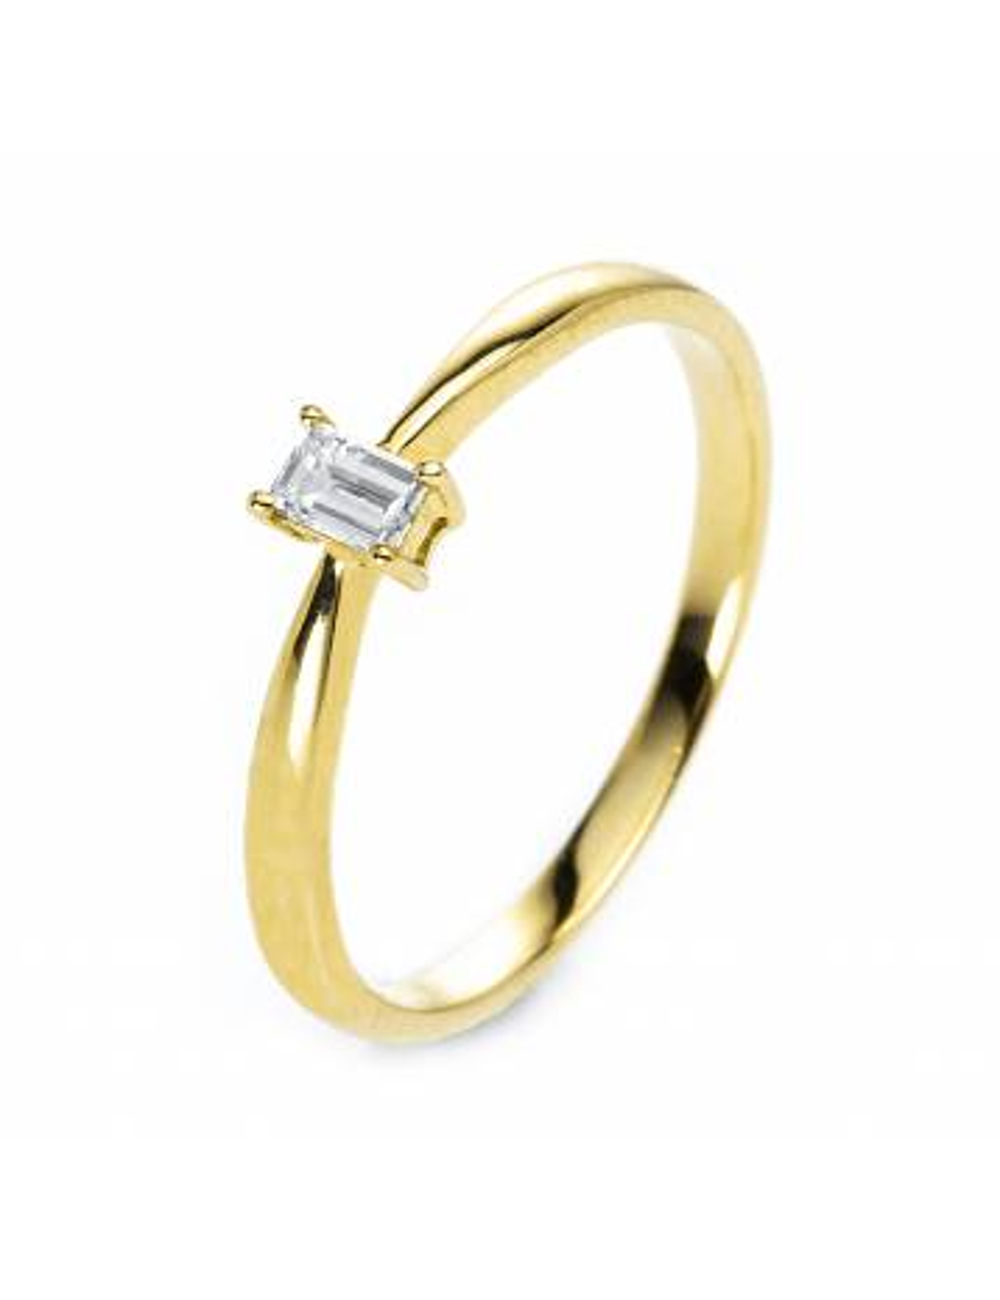 Sužadėtuvių  žiedas su smaragdo formos briliantu  (16,5 dydį turime salone)